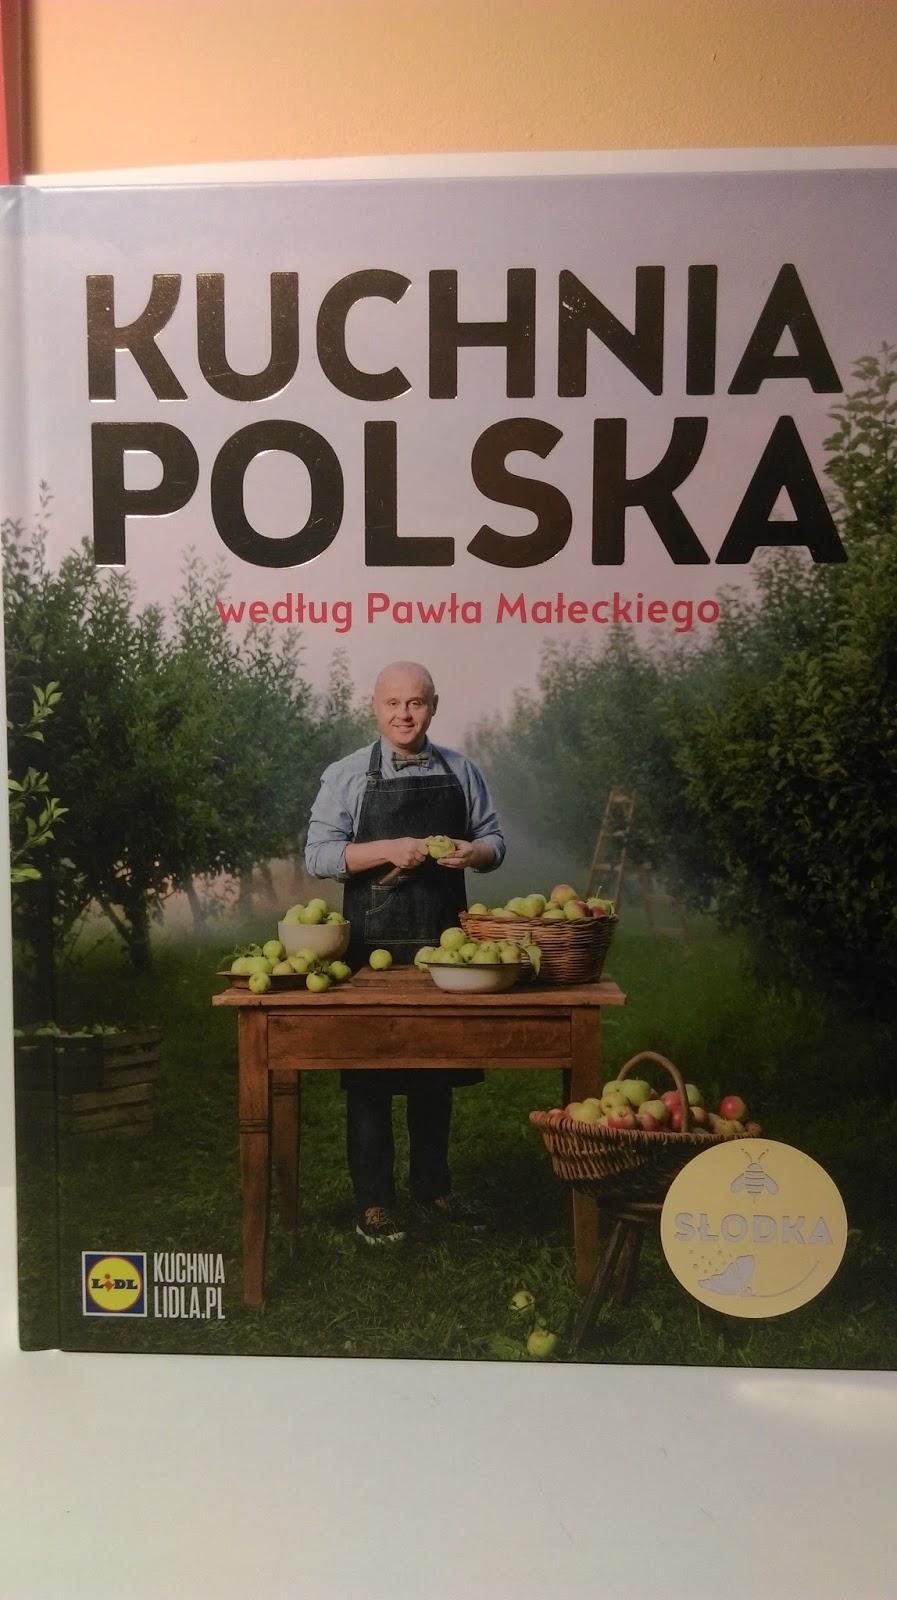 Słodka Kuchnia Polska Według Pawła Małeckiego